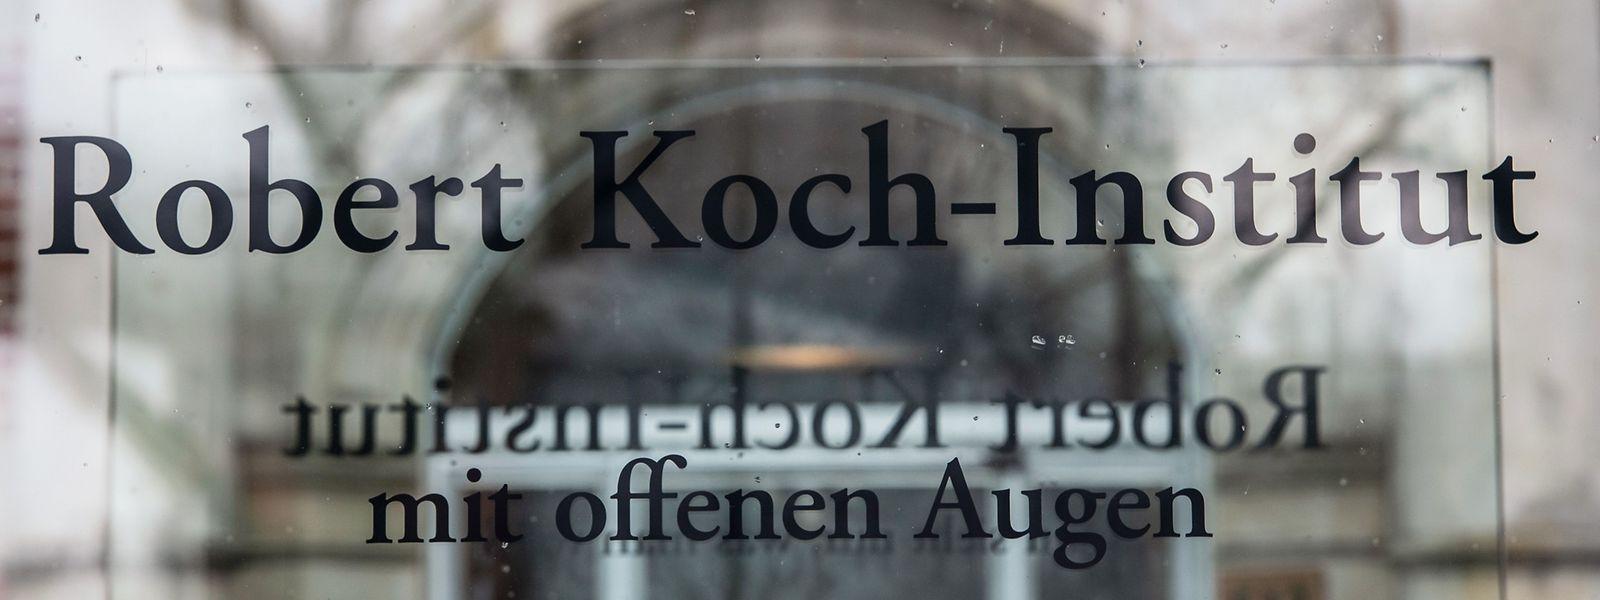 Le Grand-Duché ne figurait plus sur la liste allemande des zones à risque depuis le 19 août dernier.